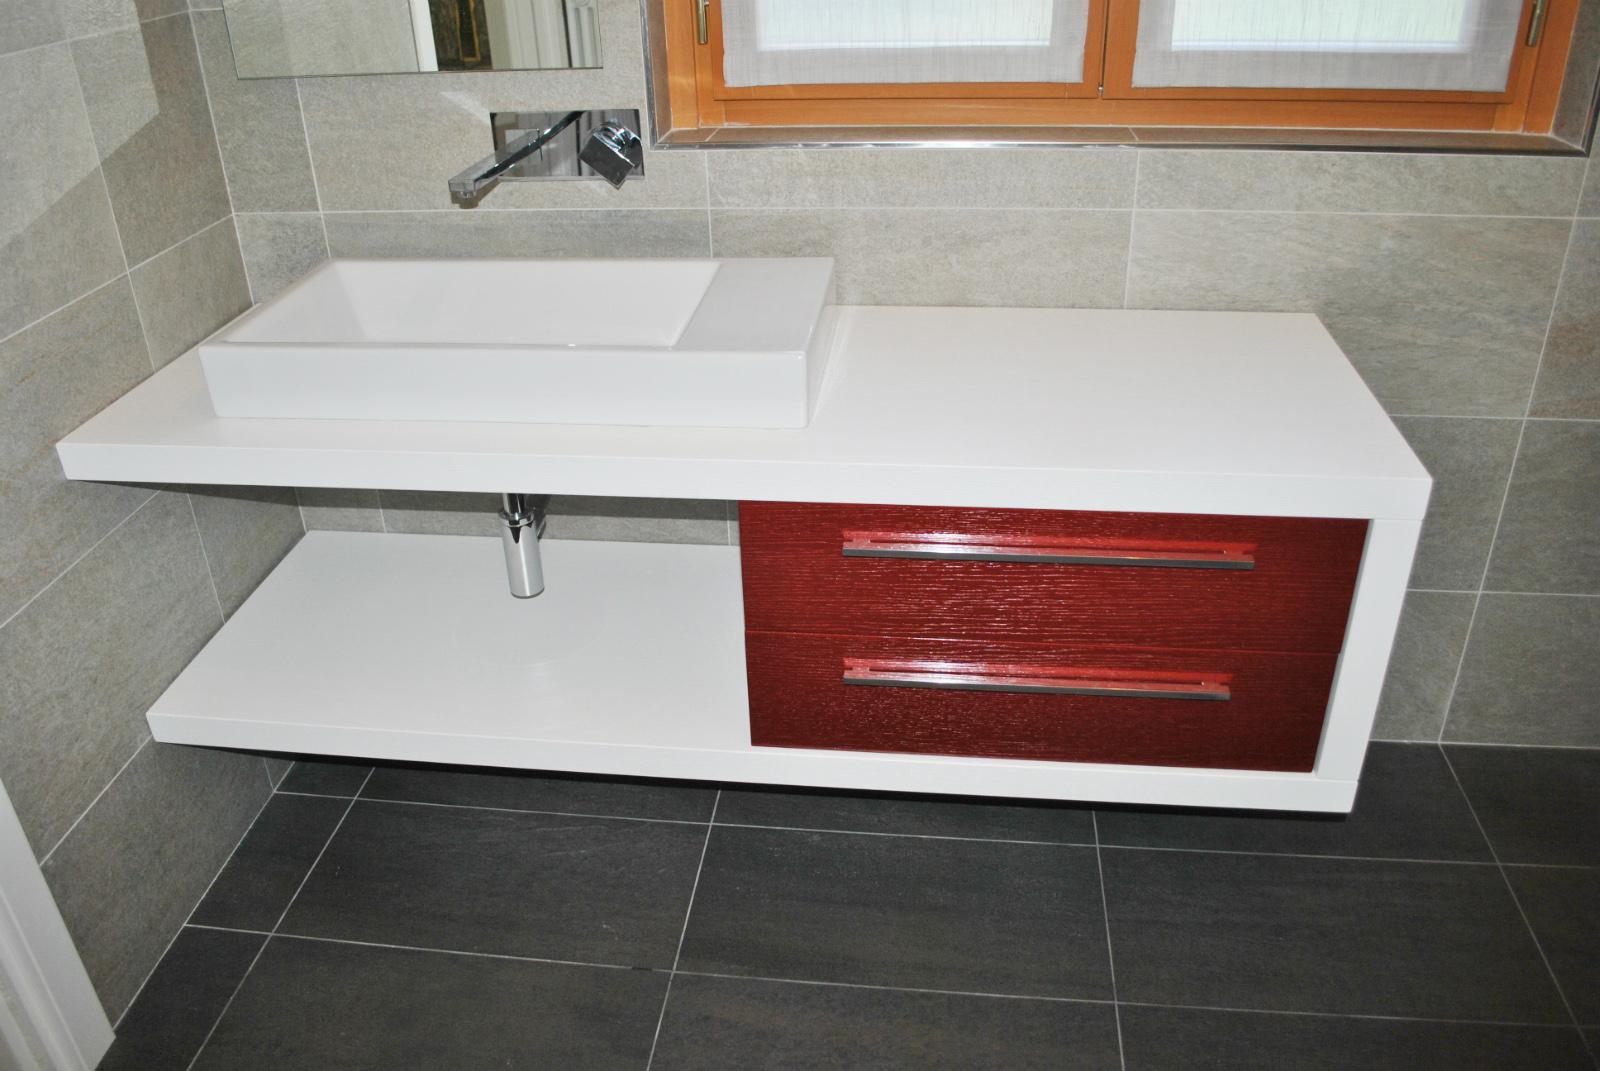 sintesibagno-verbania-vasca-da-bagno-doccia-idromassaggio-02